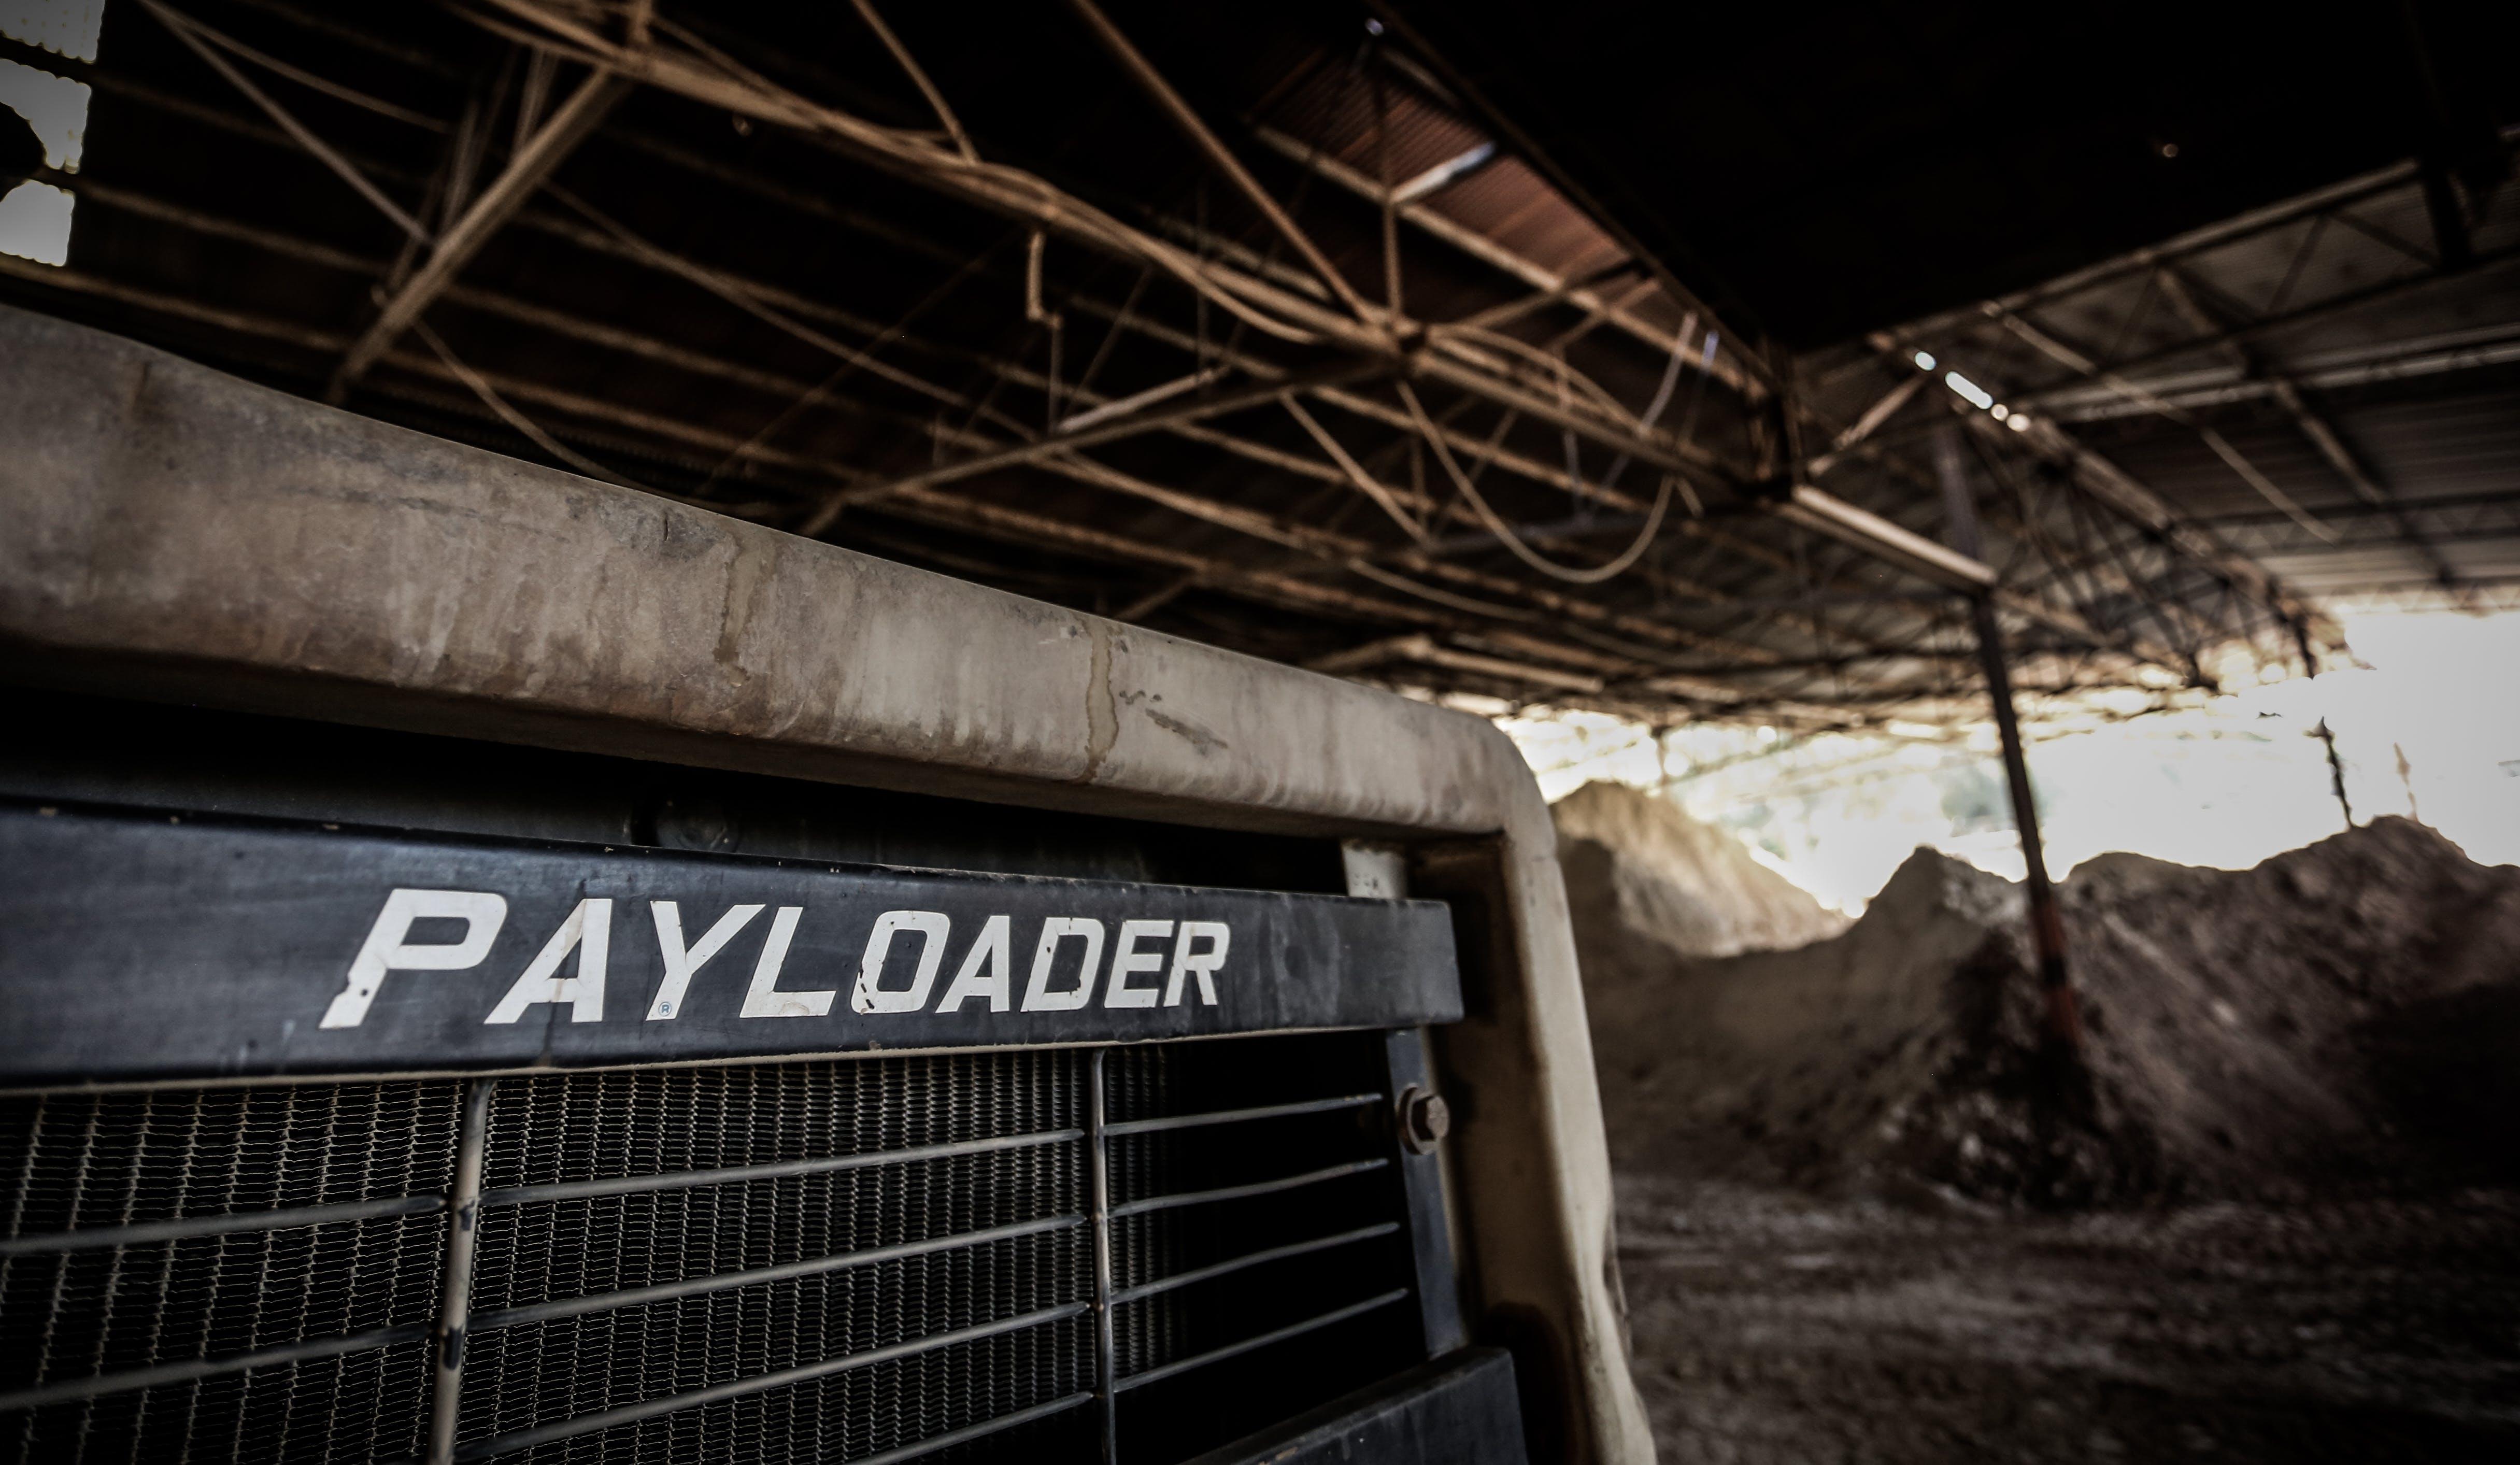 Black Payloader in Hanger